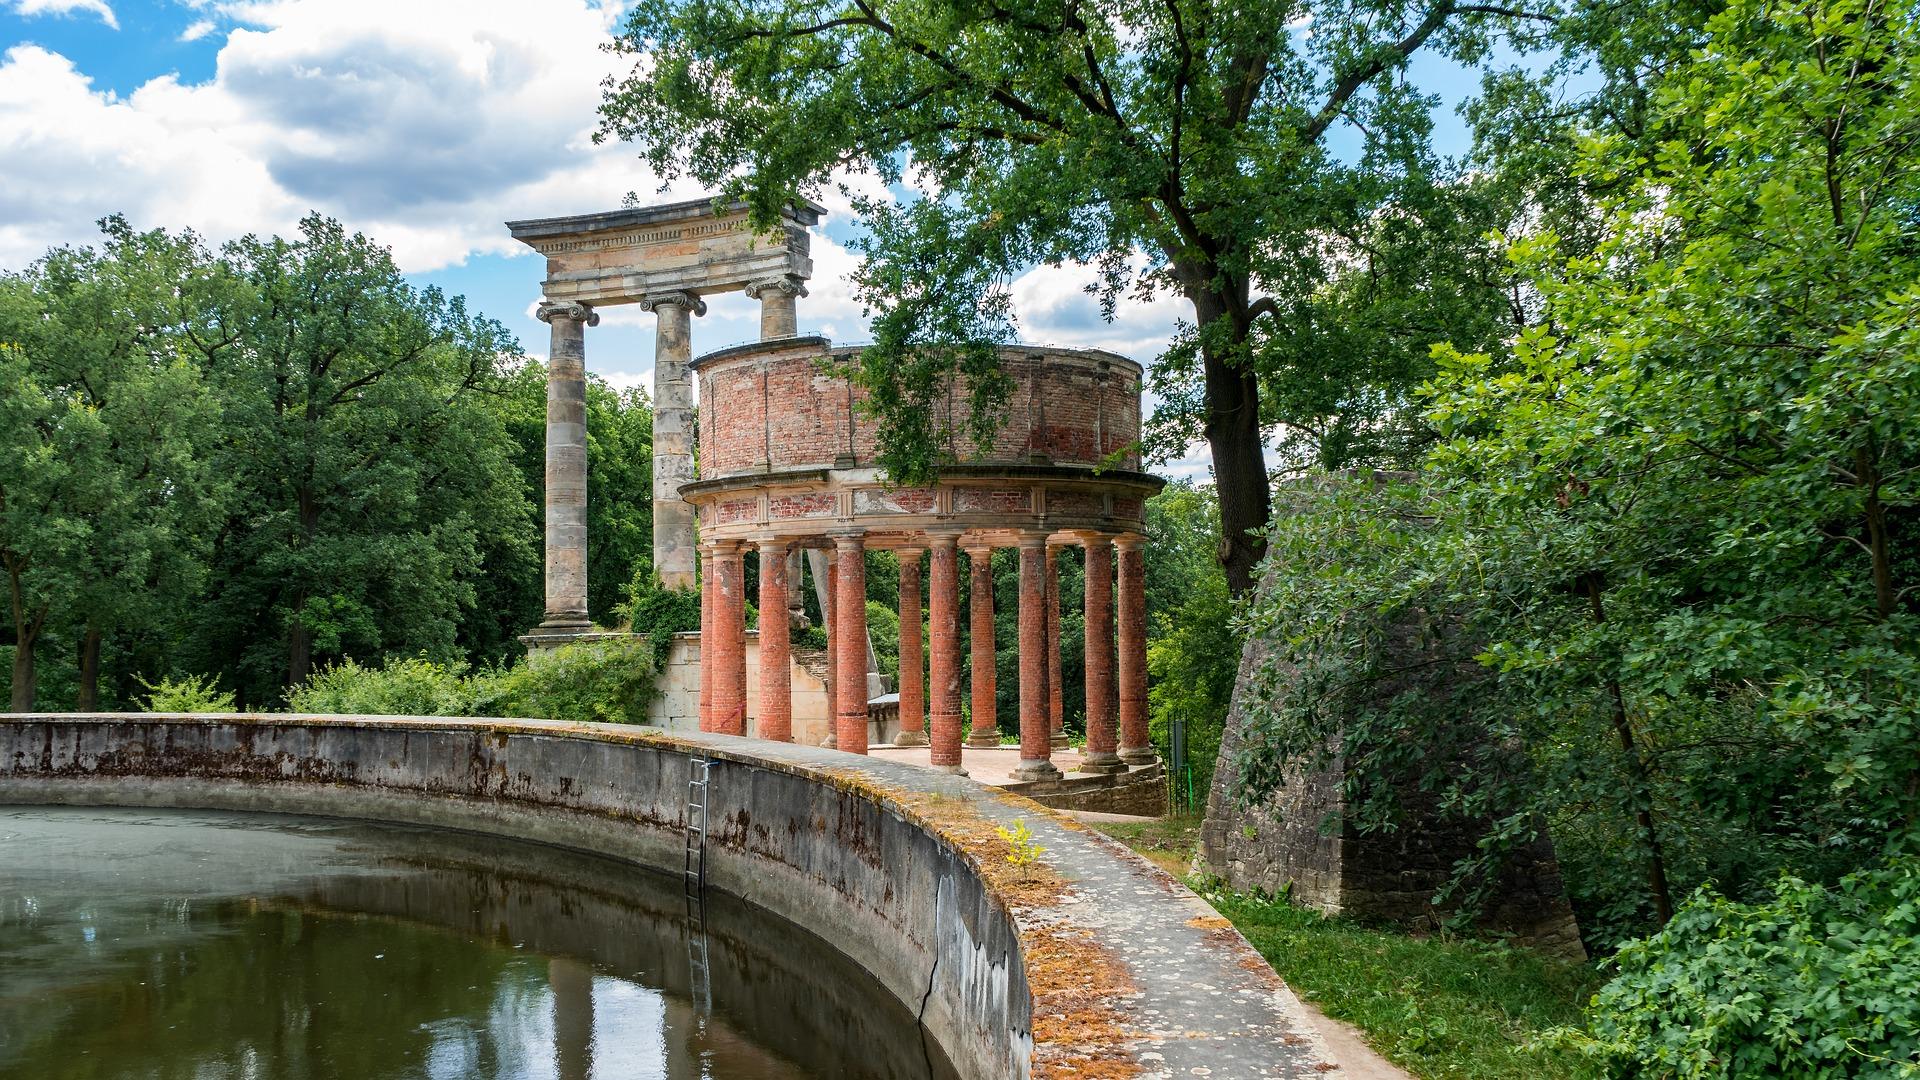 Blick auf den Ruinenberg in Potsdam_AchimScholty_Pixabay